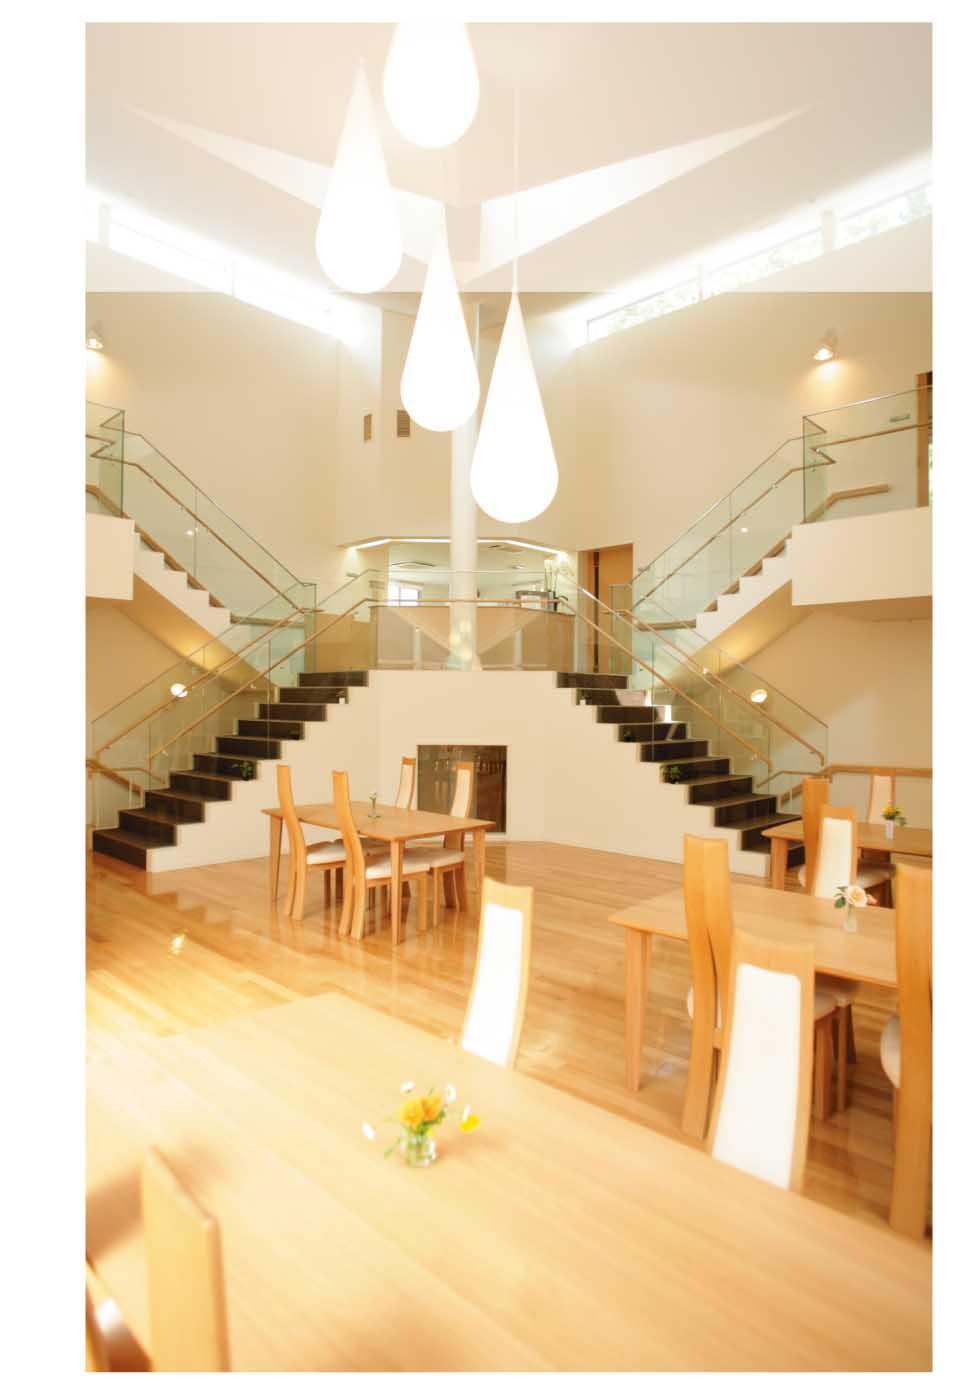 ストレスケア病棟「なごみ」は光を取り入れやすい構造になっている